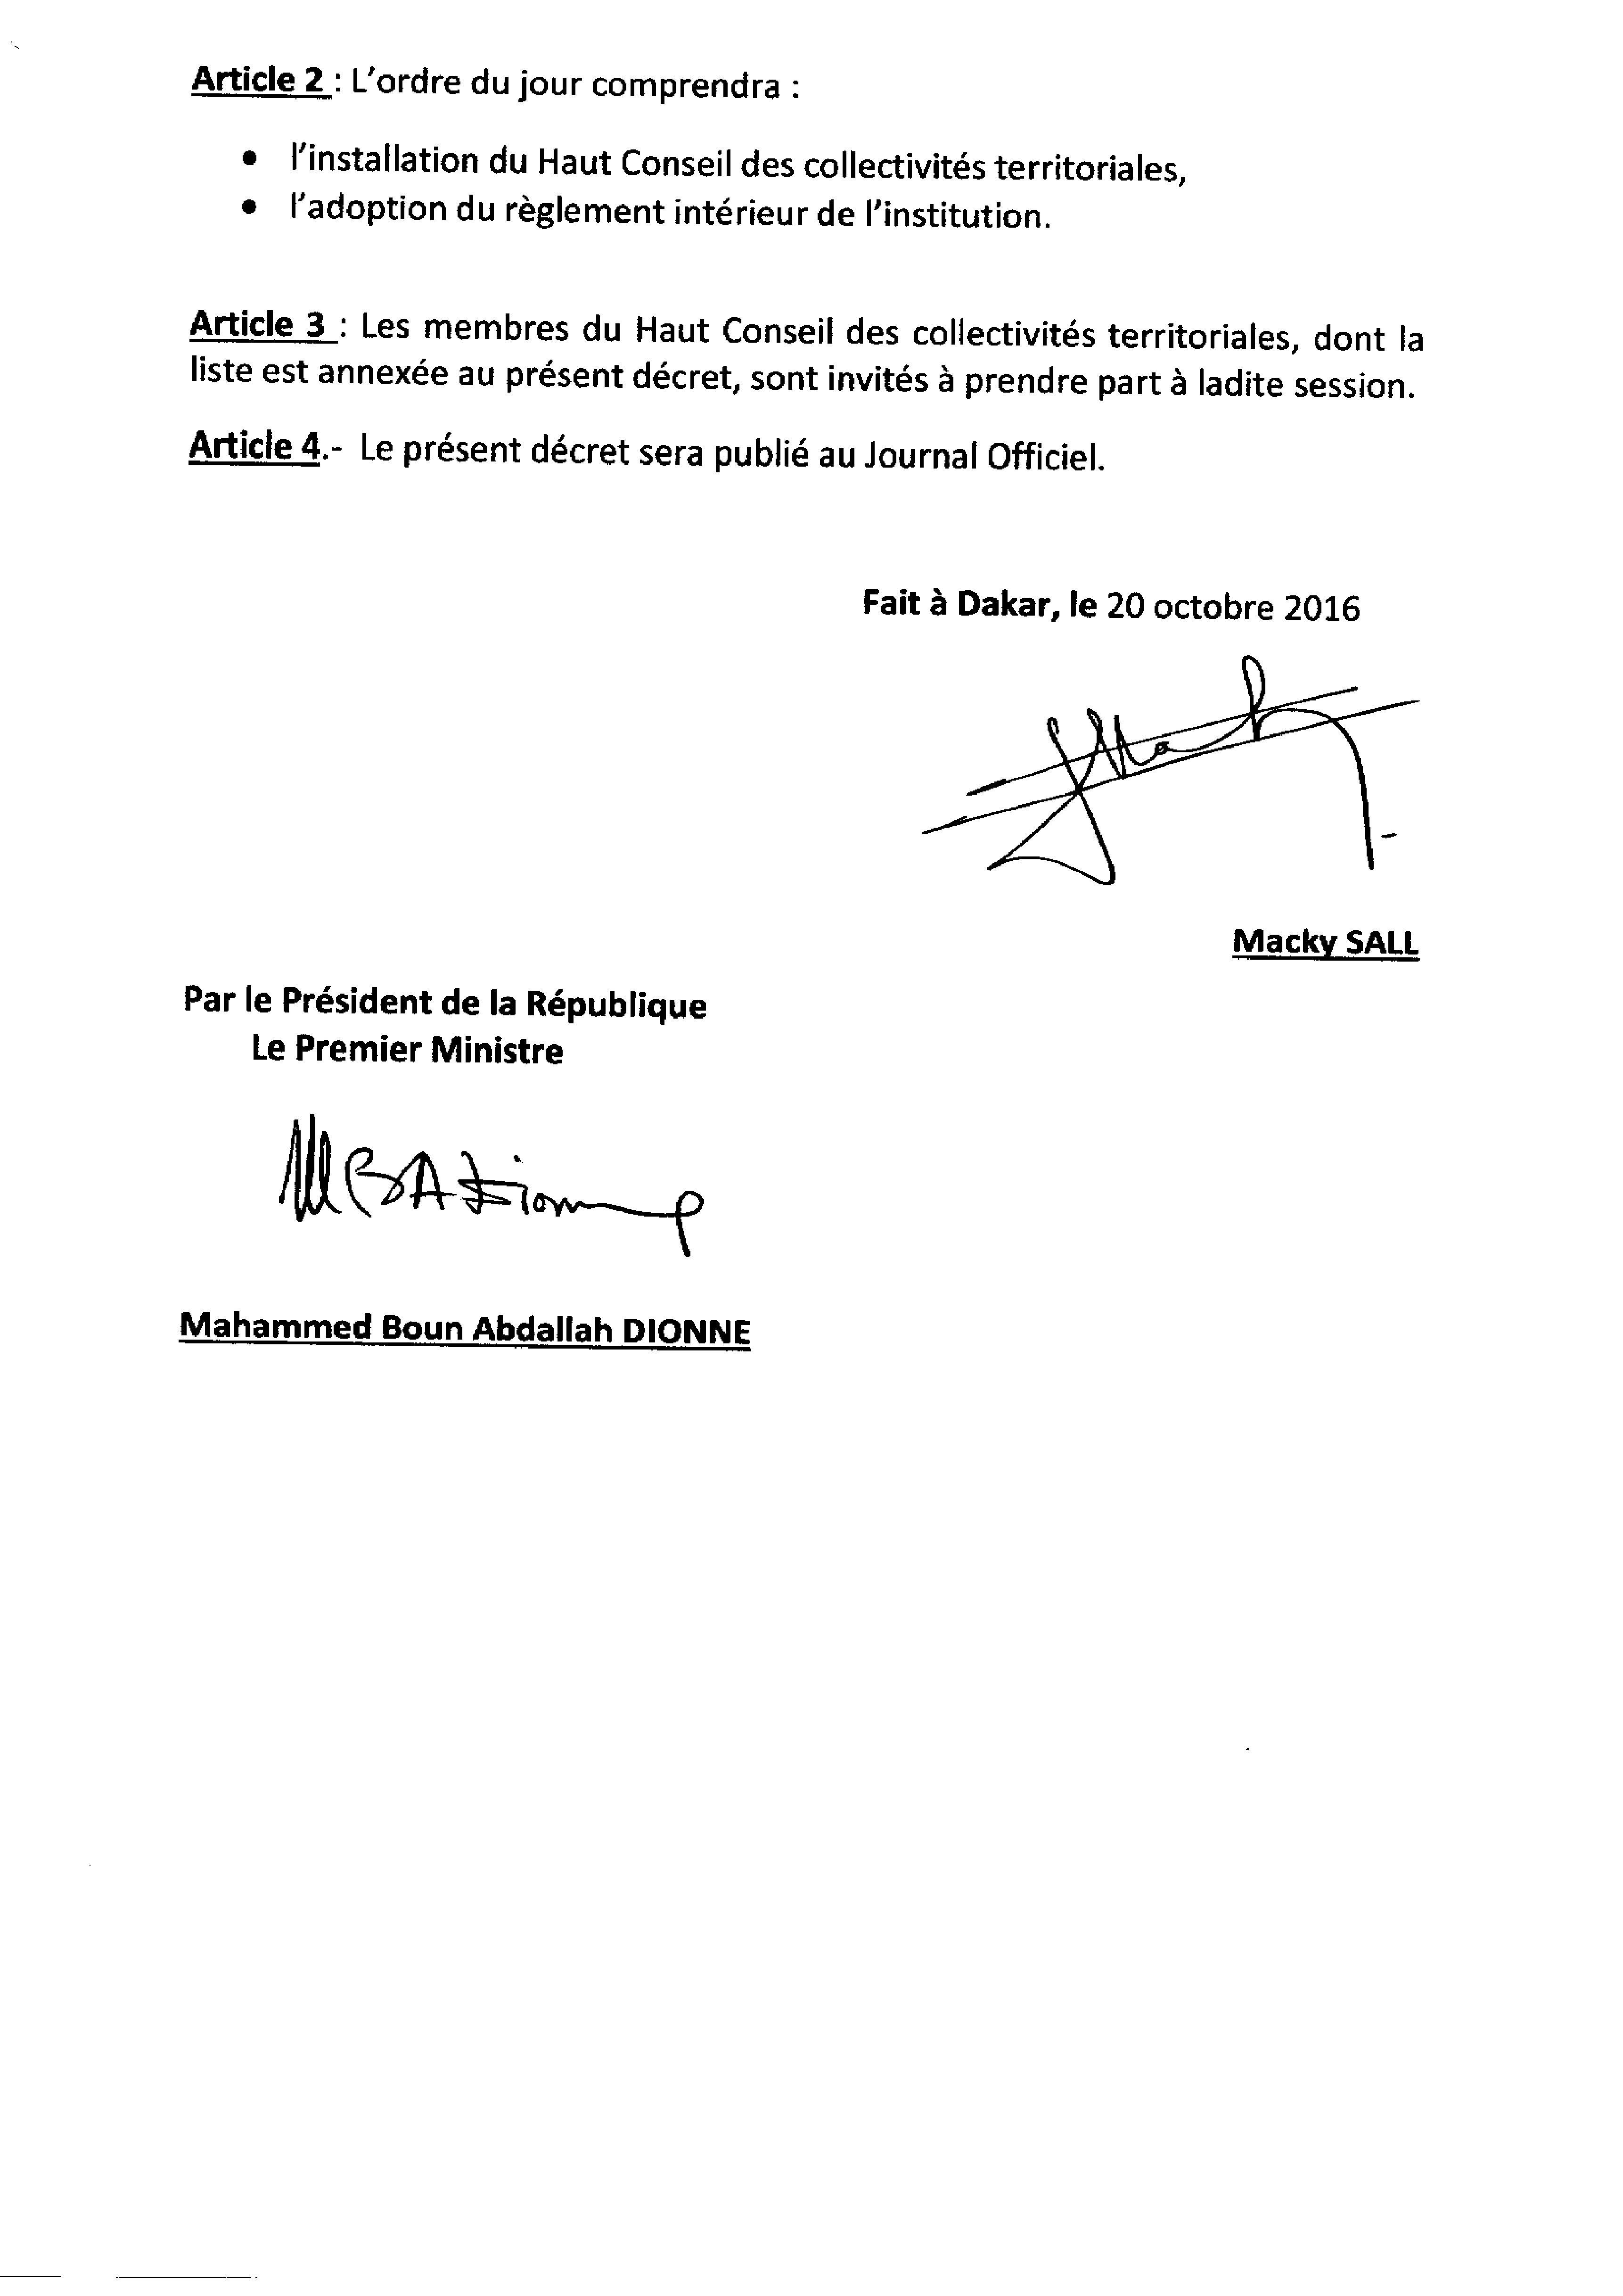 EXCLUSIF: les décrets du Haut Conseil des Collectivités territoriales (HCCT)